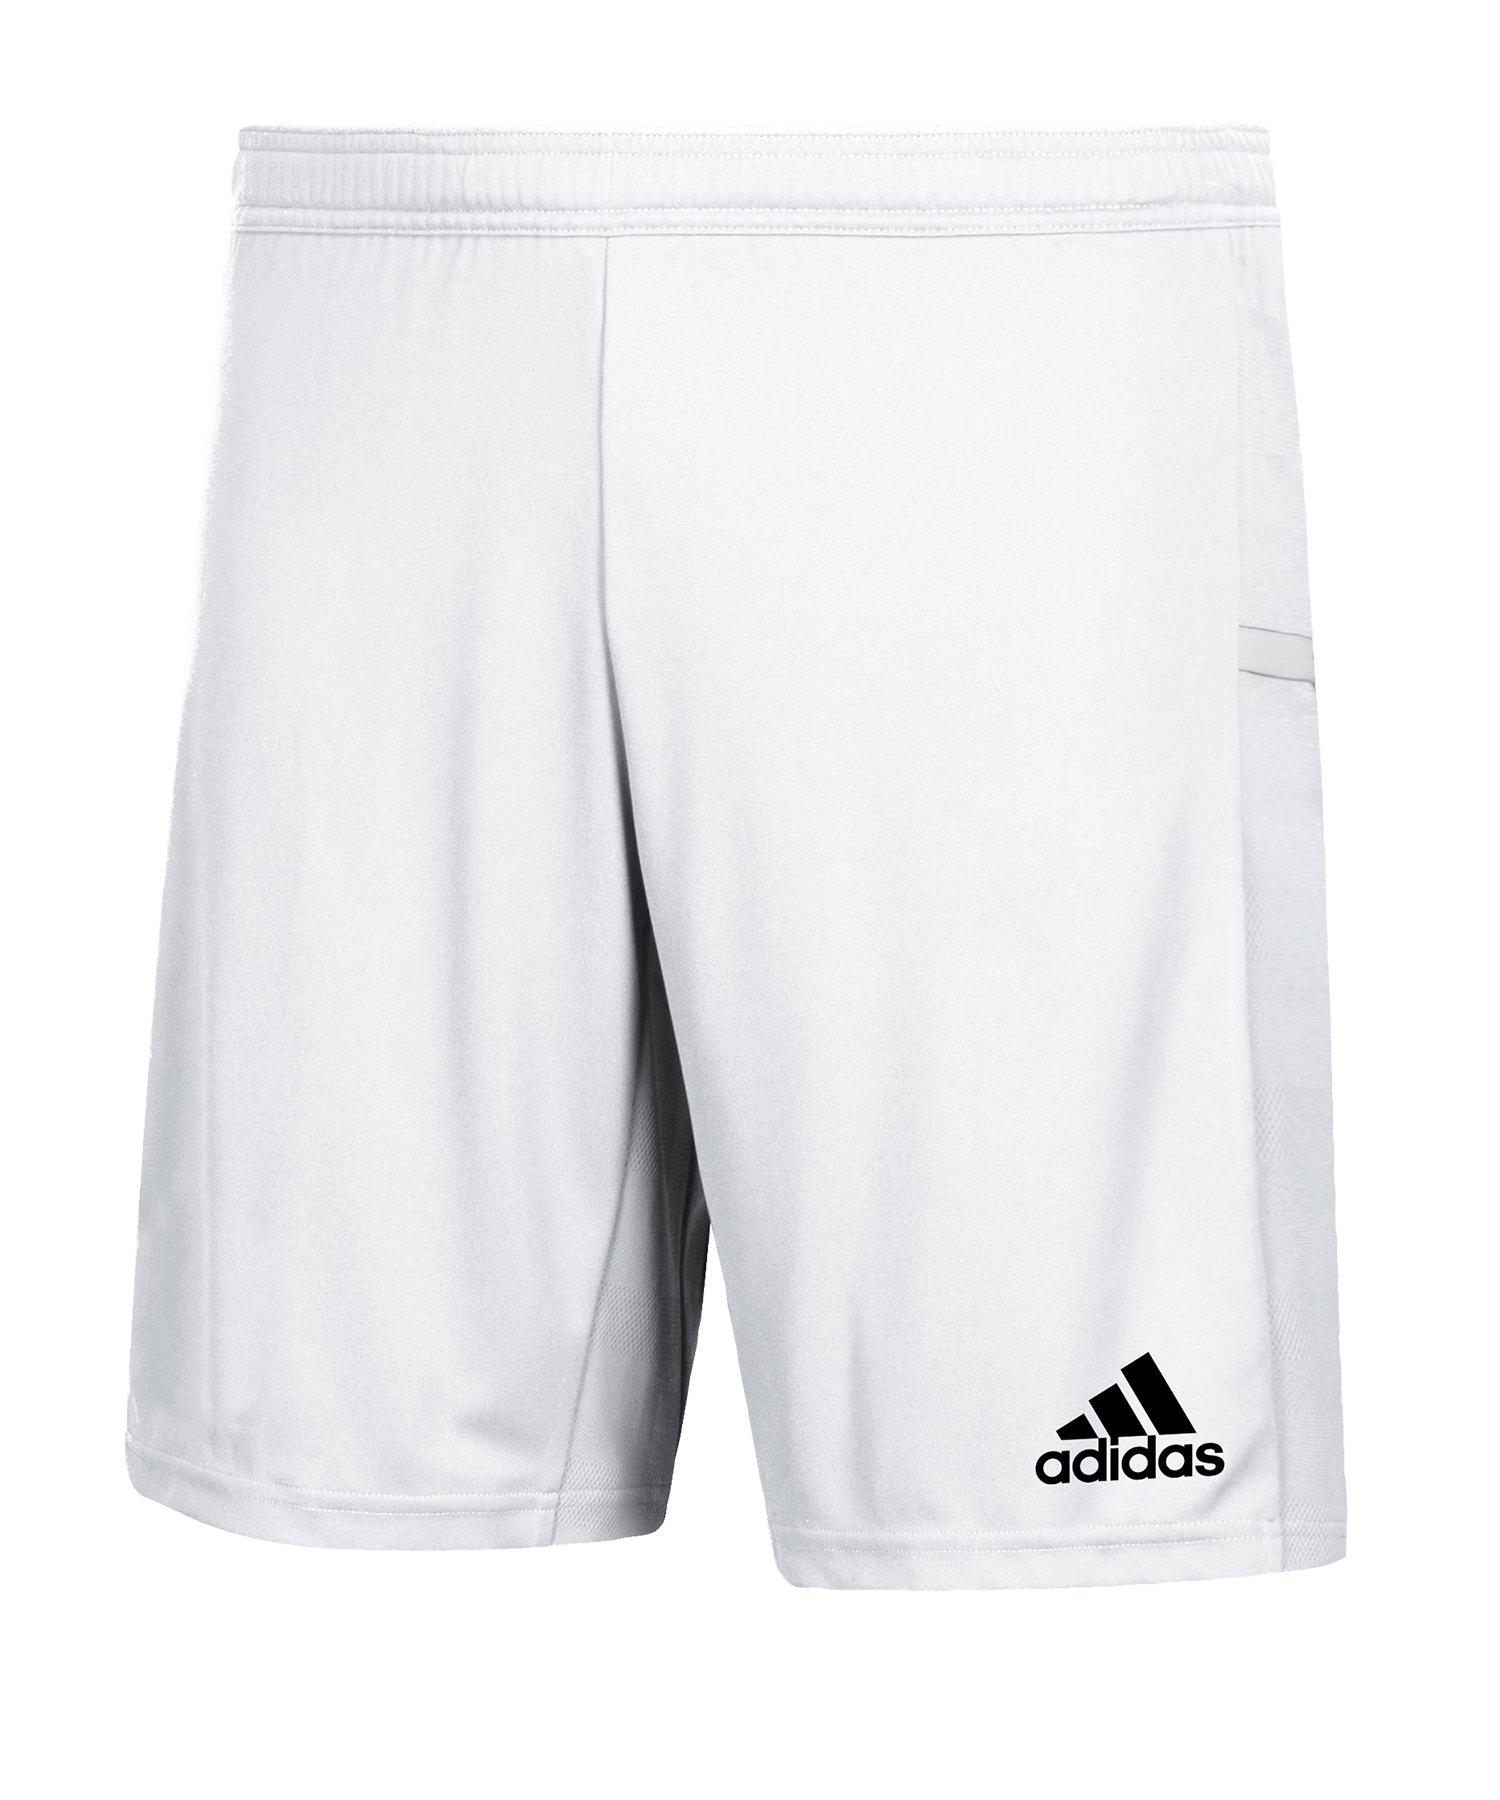 adidas Team 19 Knitted Short Weiss - weiss